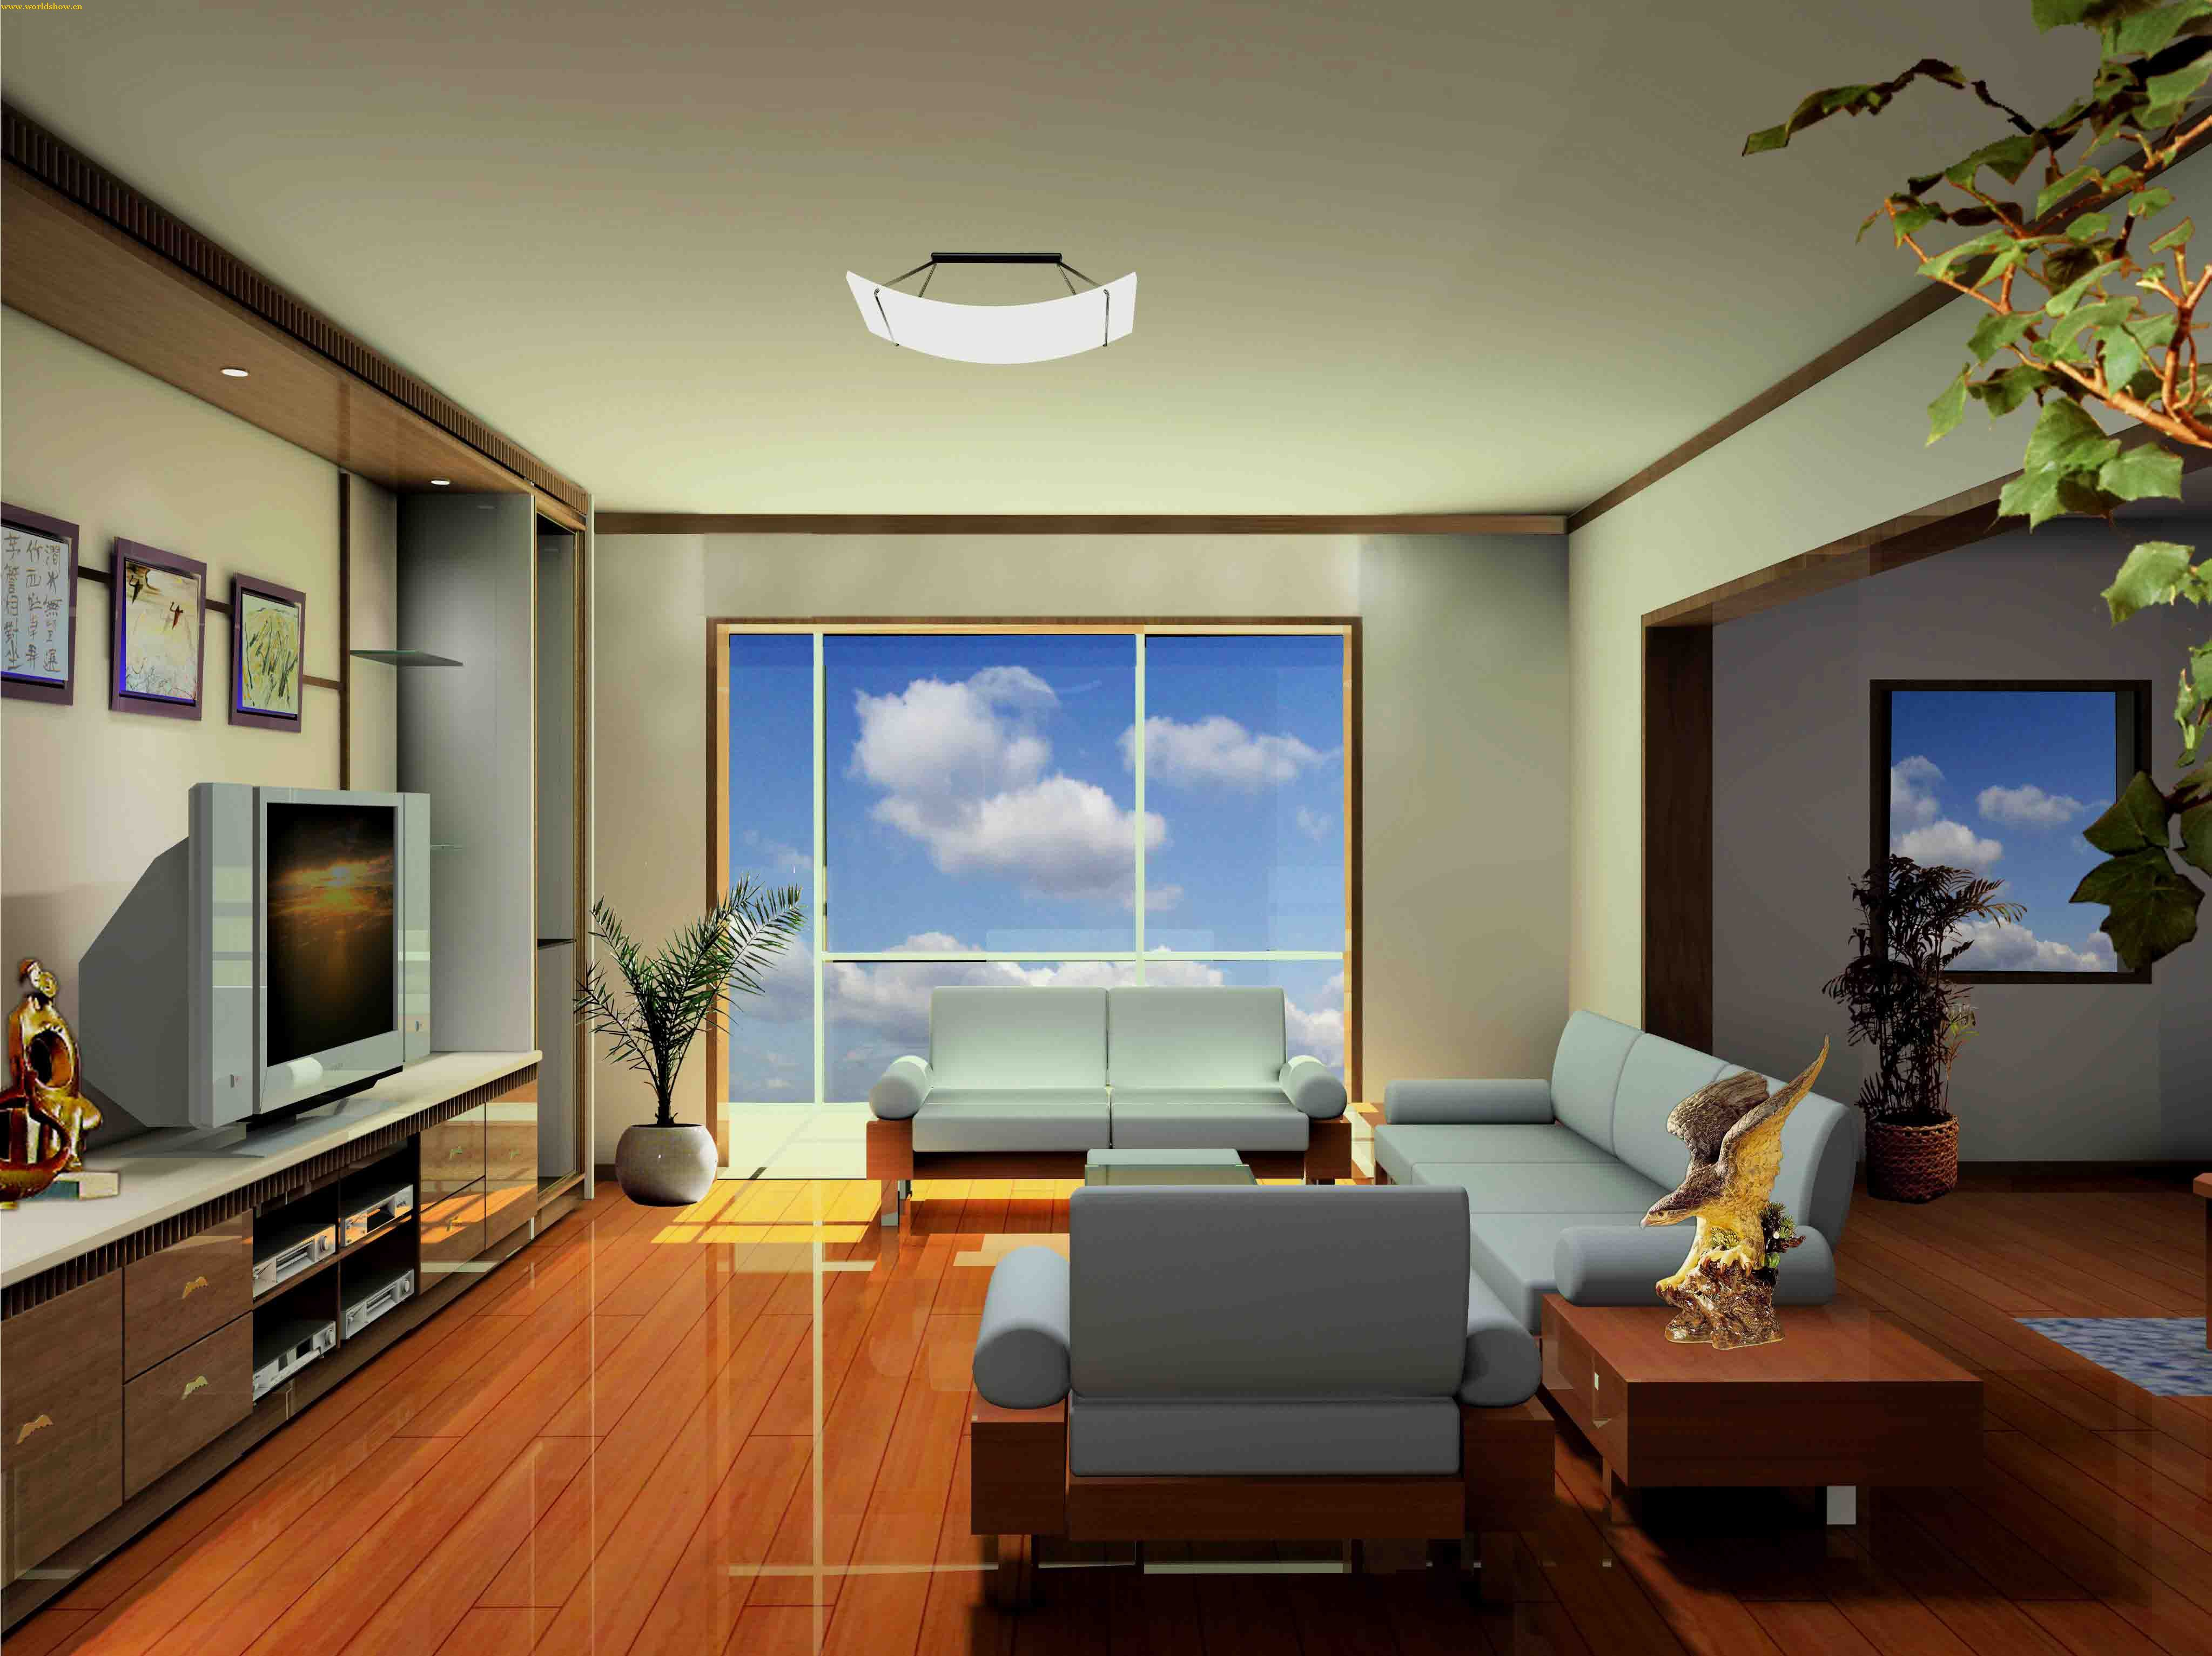 现代简约客厅背景墙效果图-室内设计师张晨设计作品   简约